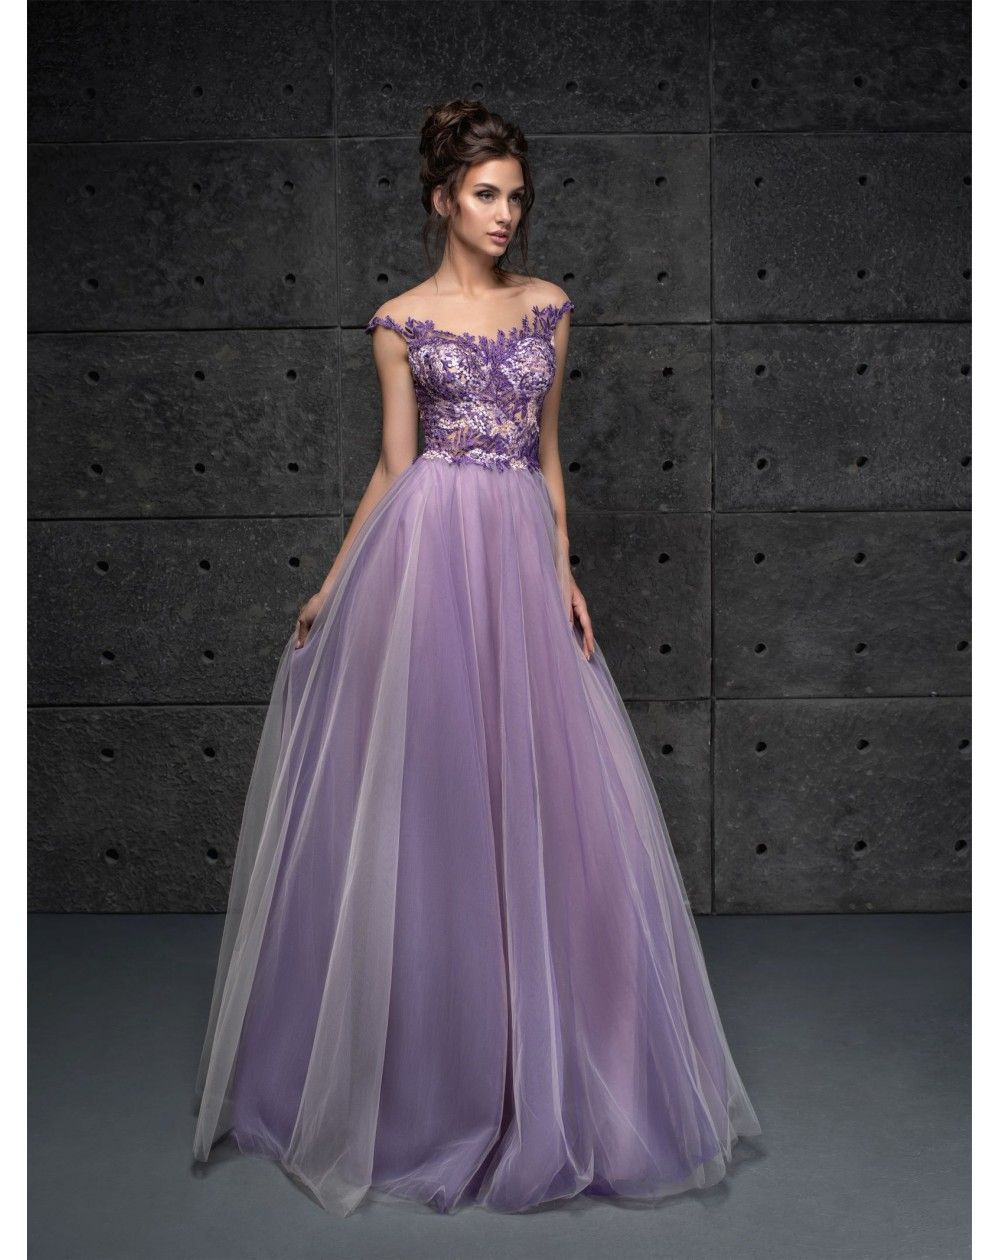 e28ecc6bee237 Dlhé fialové luxusné spoločenské šaty Frances vhodné na ples, svadbu aj  stužkovú slávnosť.